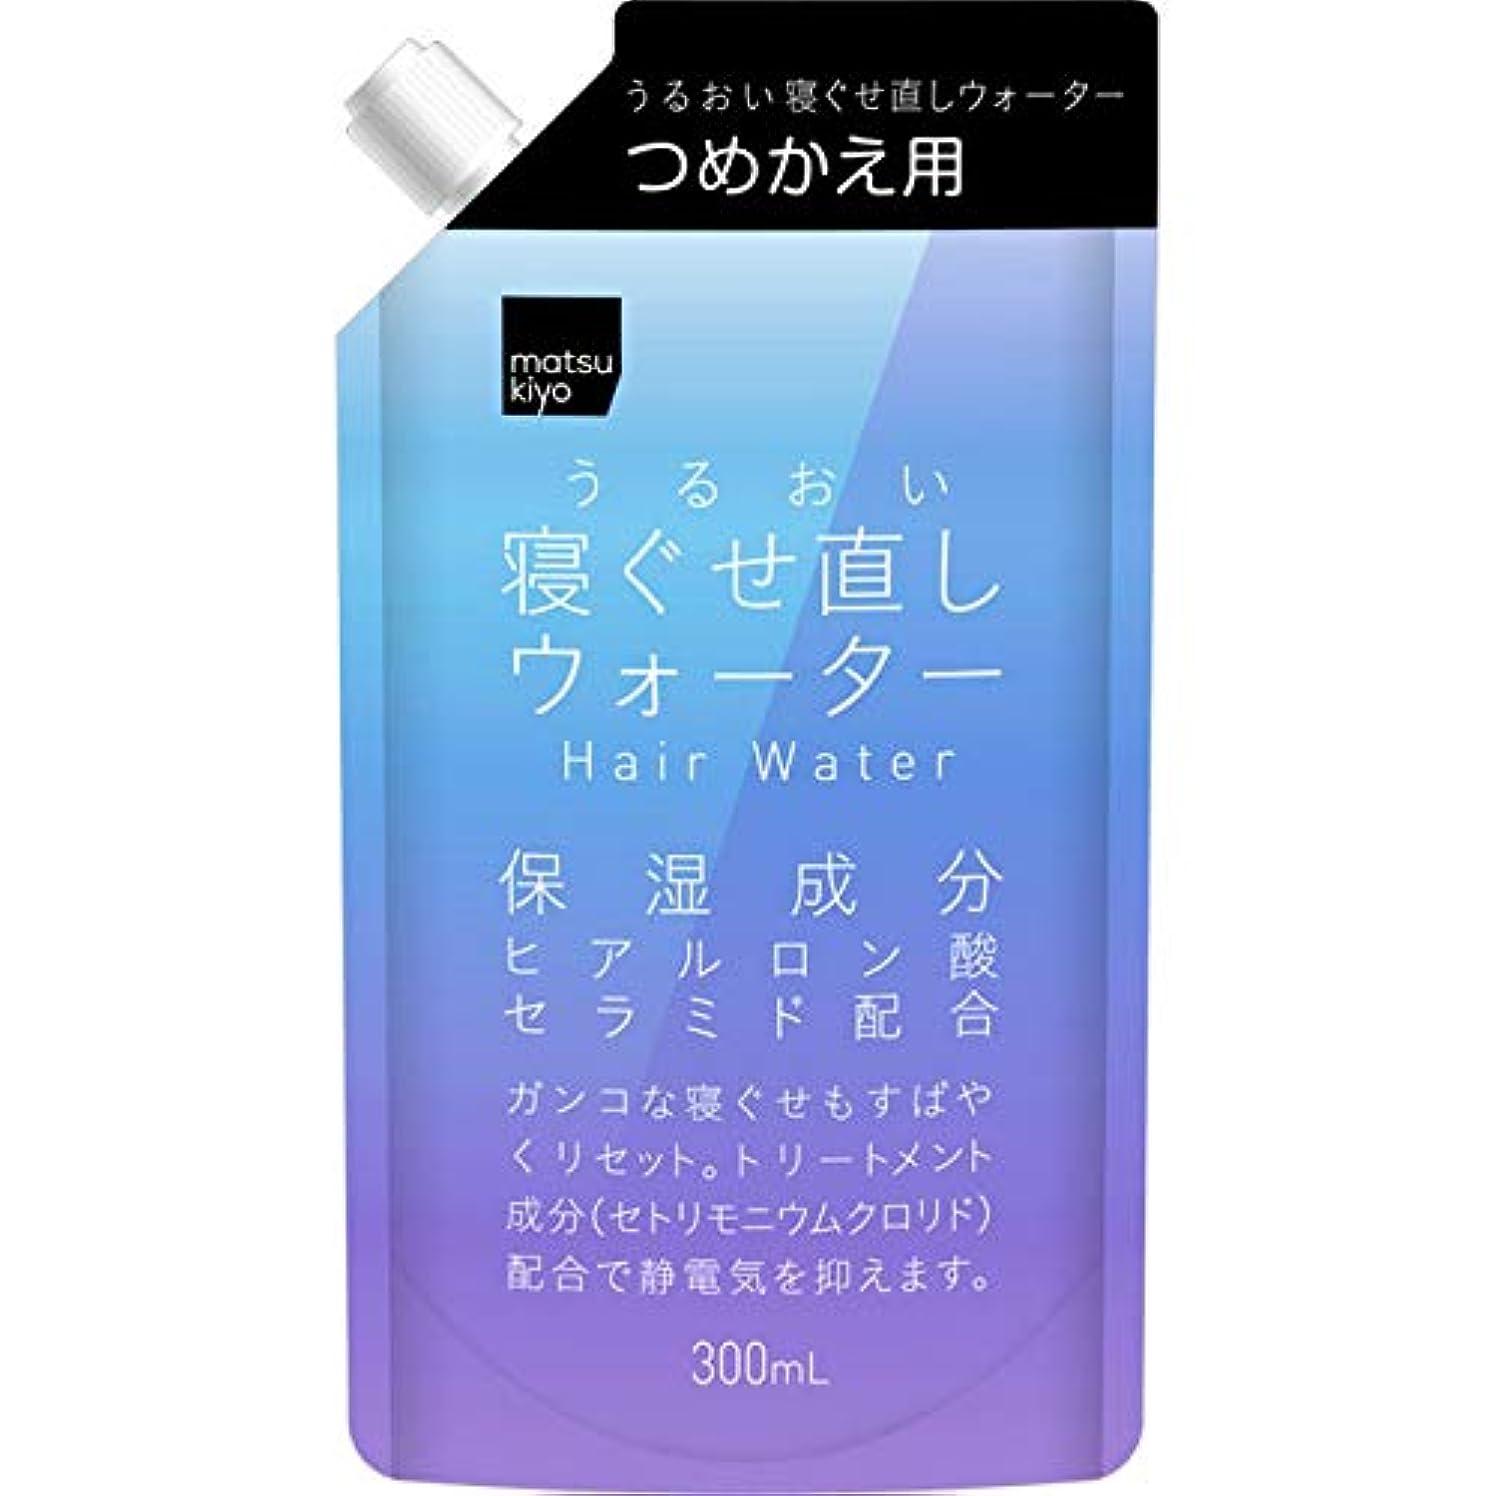 パール破壊する灌漑matsukiyo アレンジプラス 寝ぐせ直しウォーター 300ml詰替